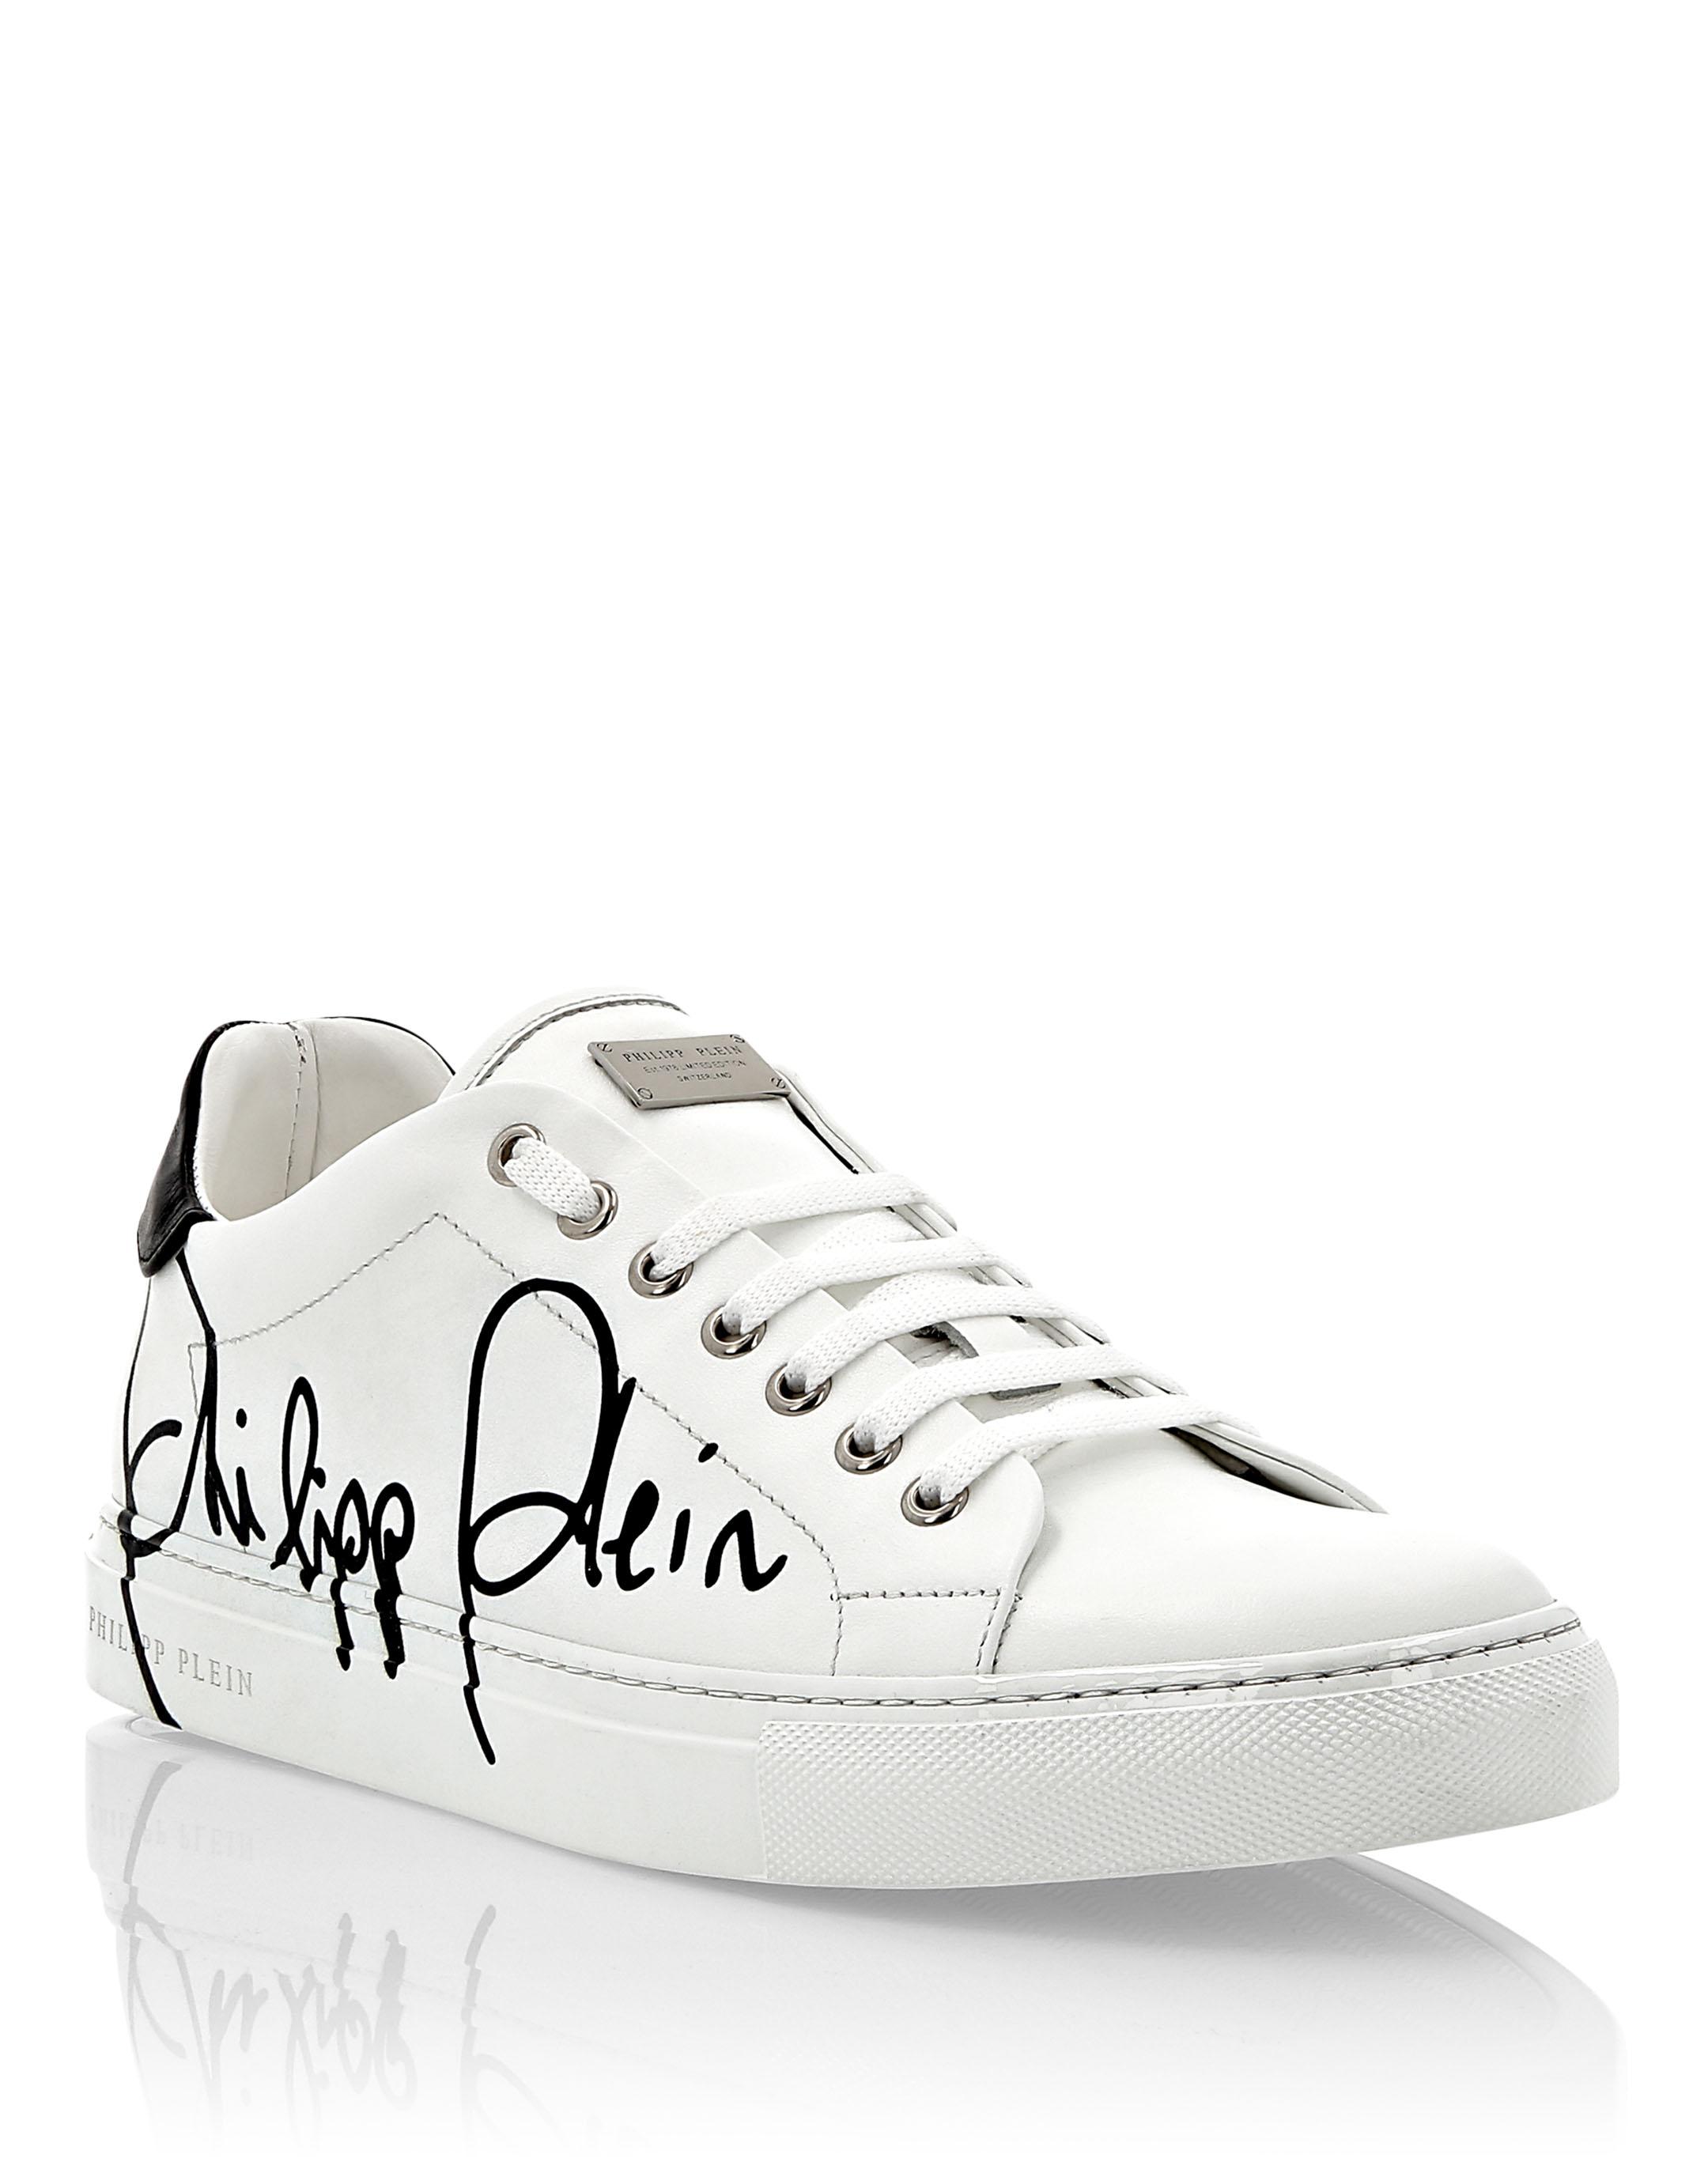 Lo-Top Sneakers Signature | Philipp Plein